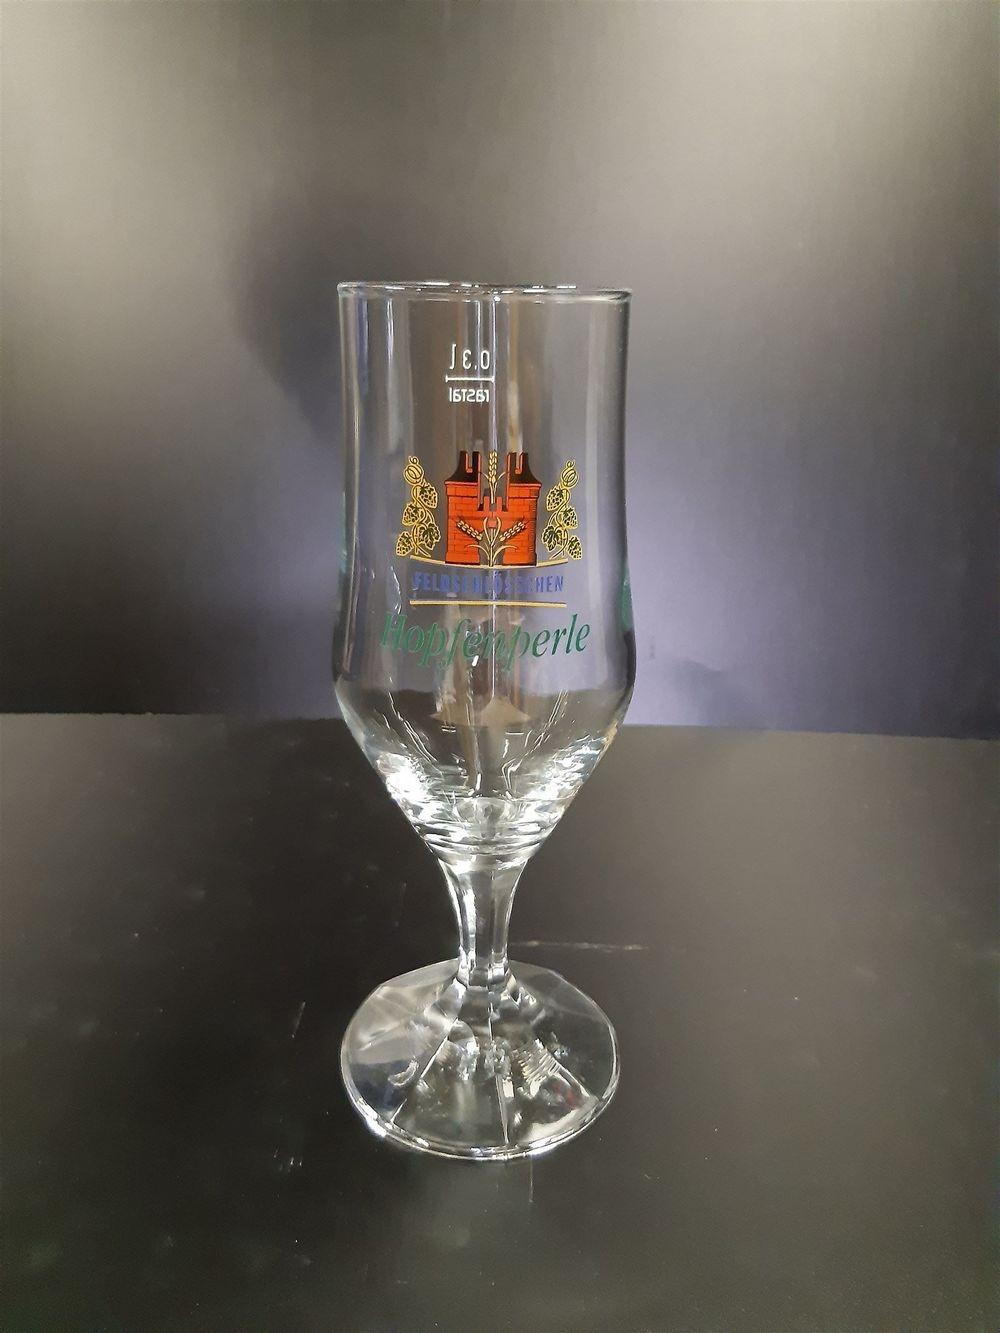 Hopfenperle Glas 0.3 l DOC - Fr. 0.60 pro / St.